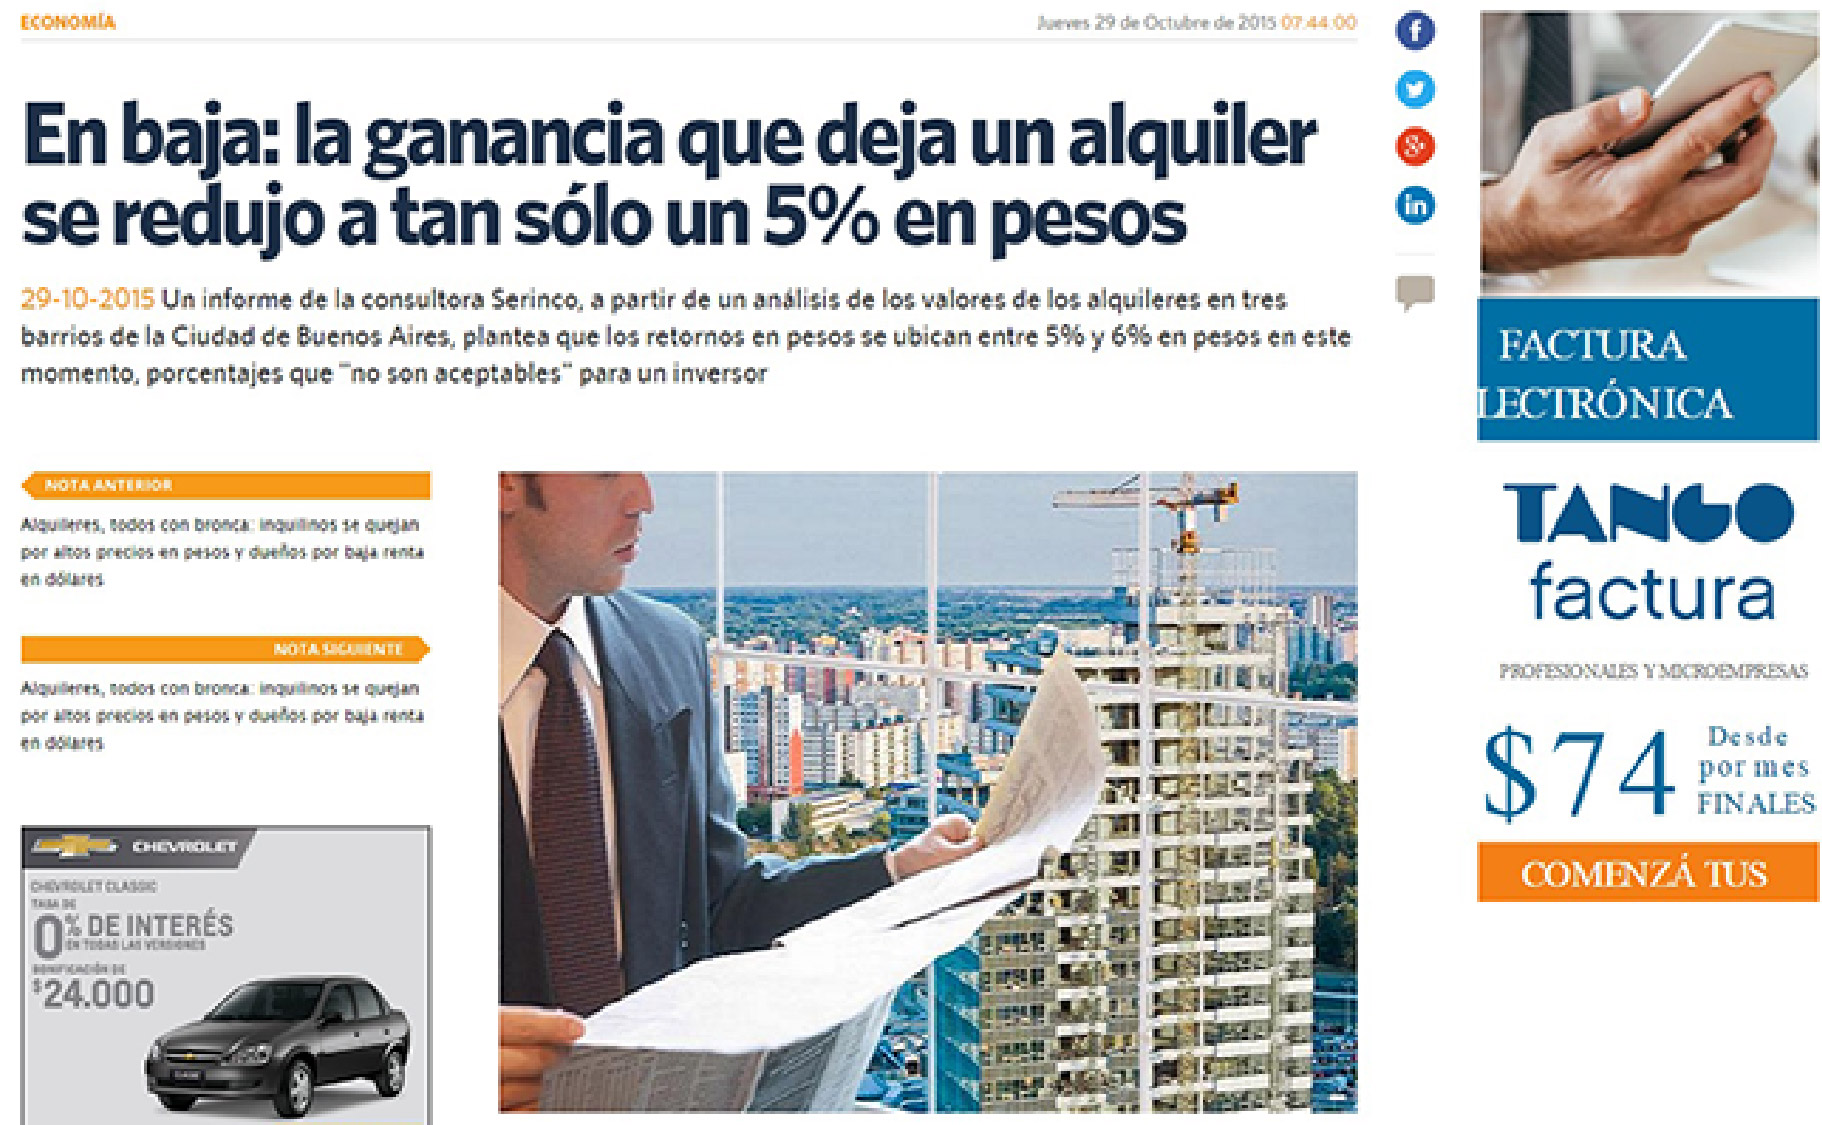 La ganancia que deja un alquiler se redujo en 5 % en pesos